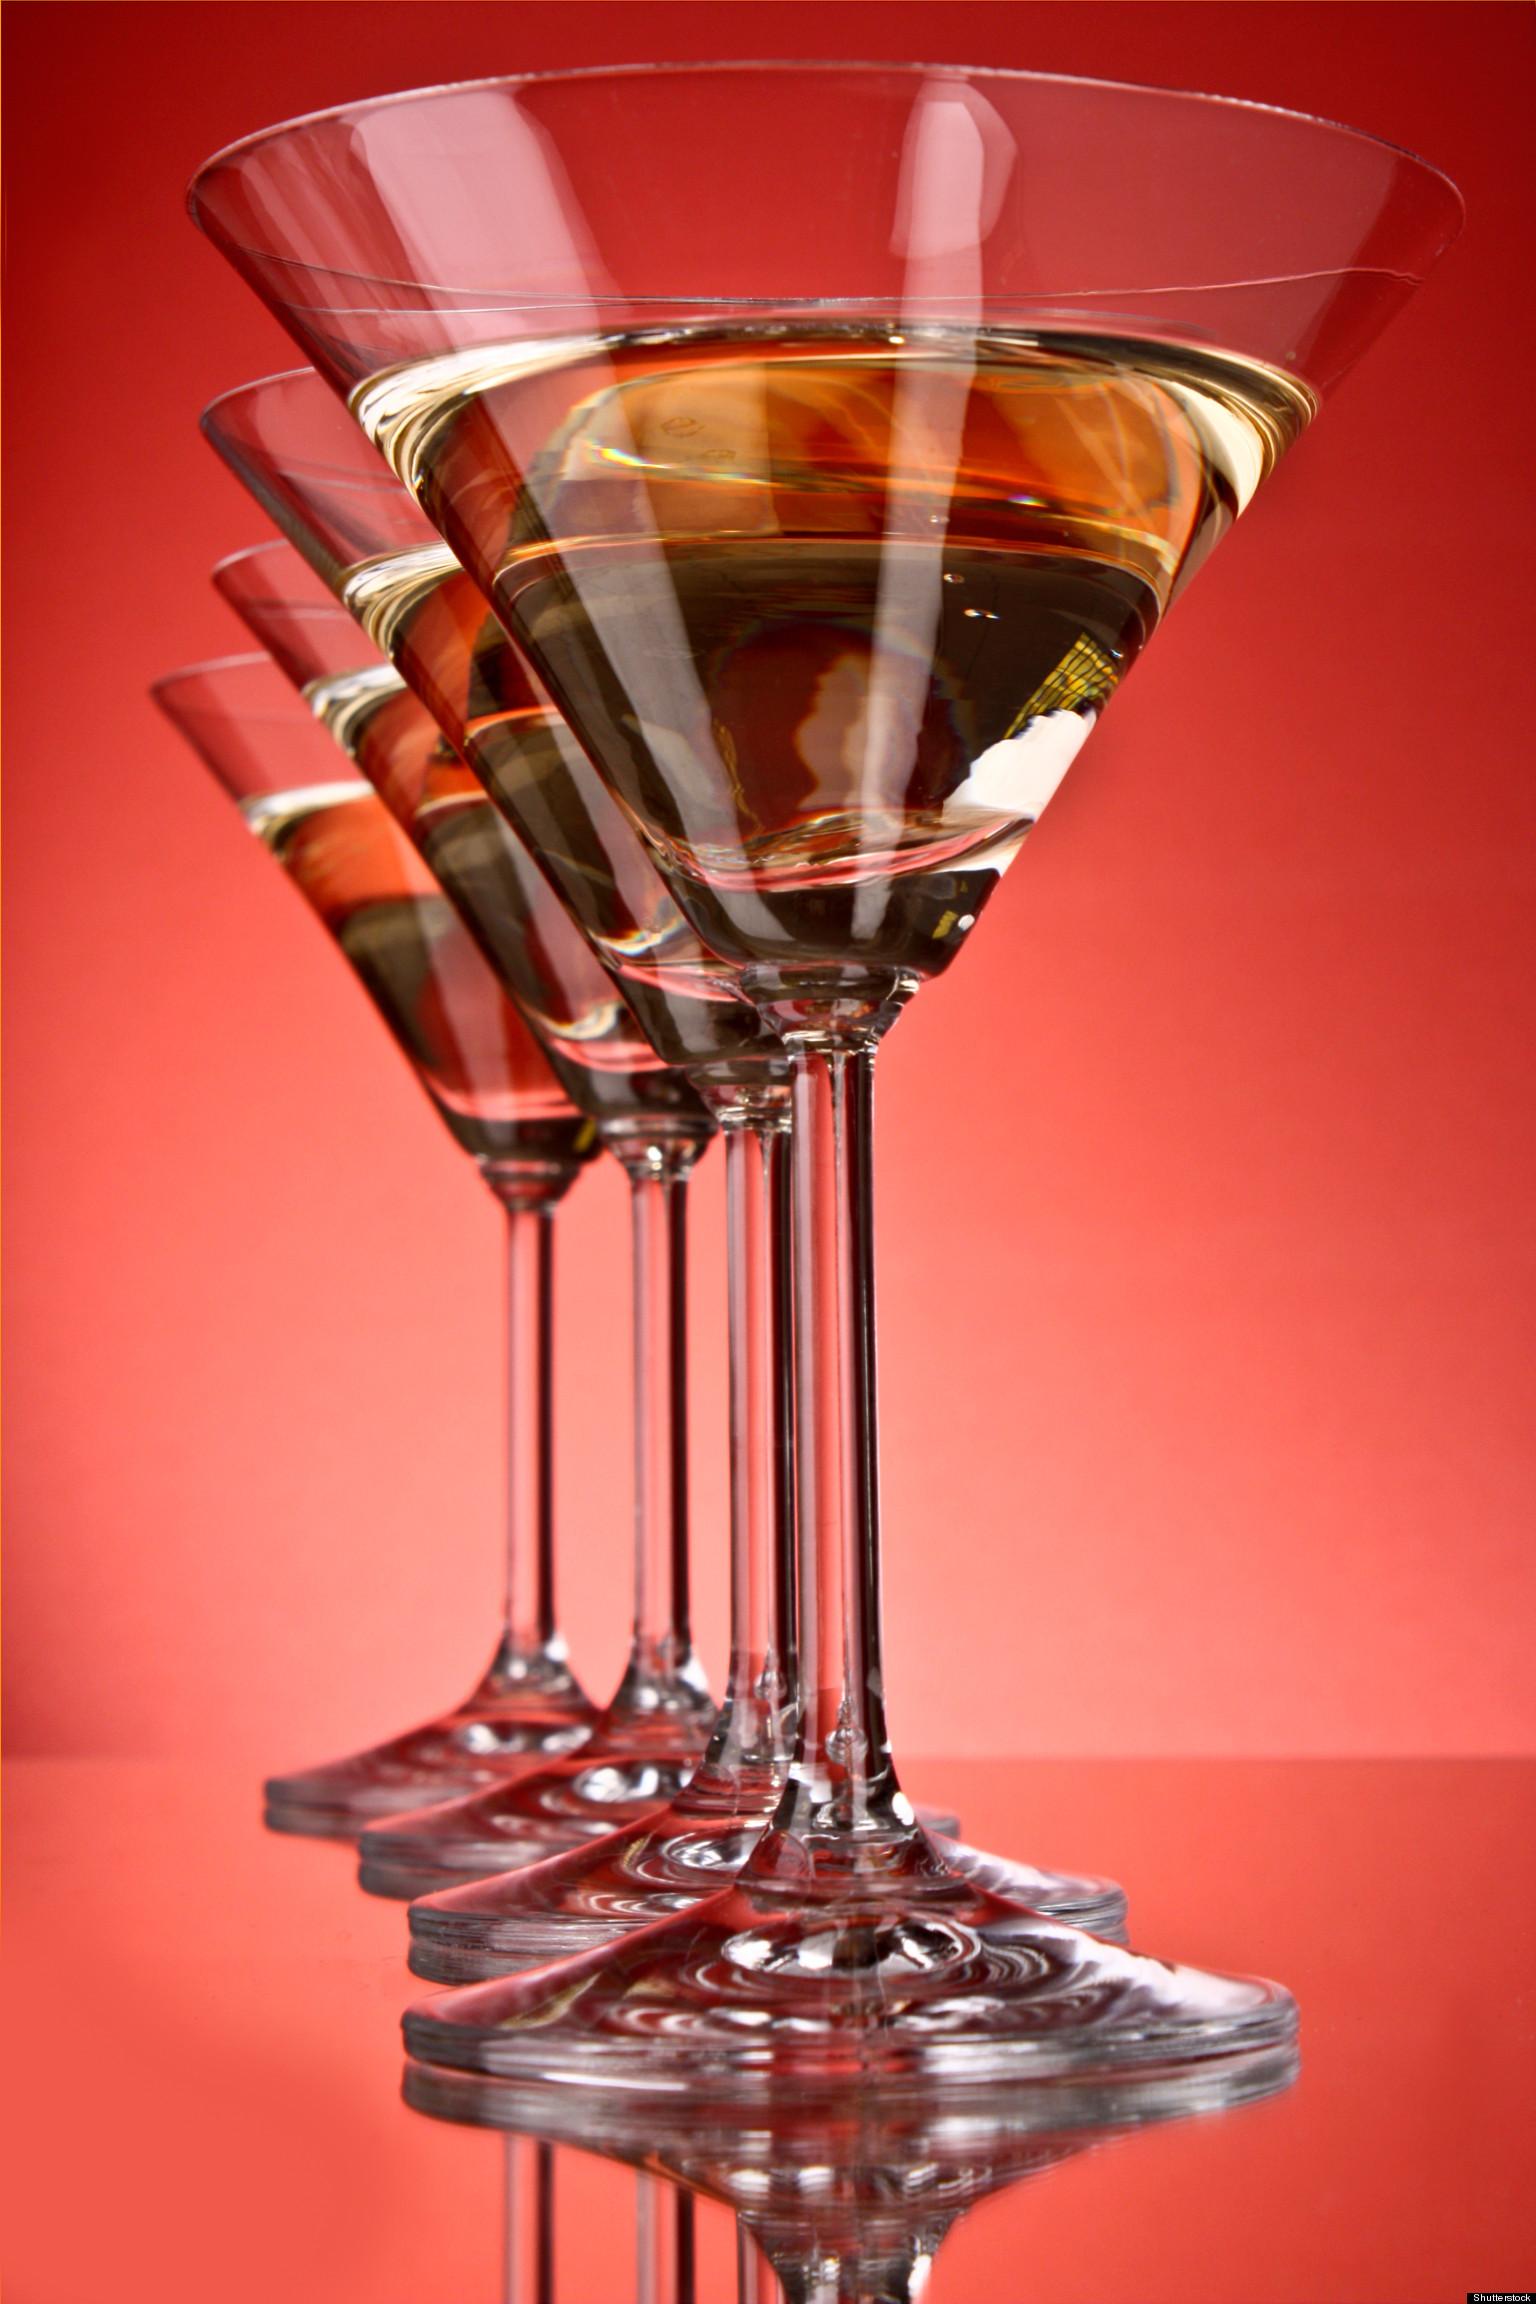 Rudd takes aim at binge drinking 'epidemic'